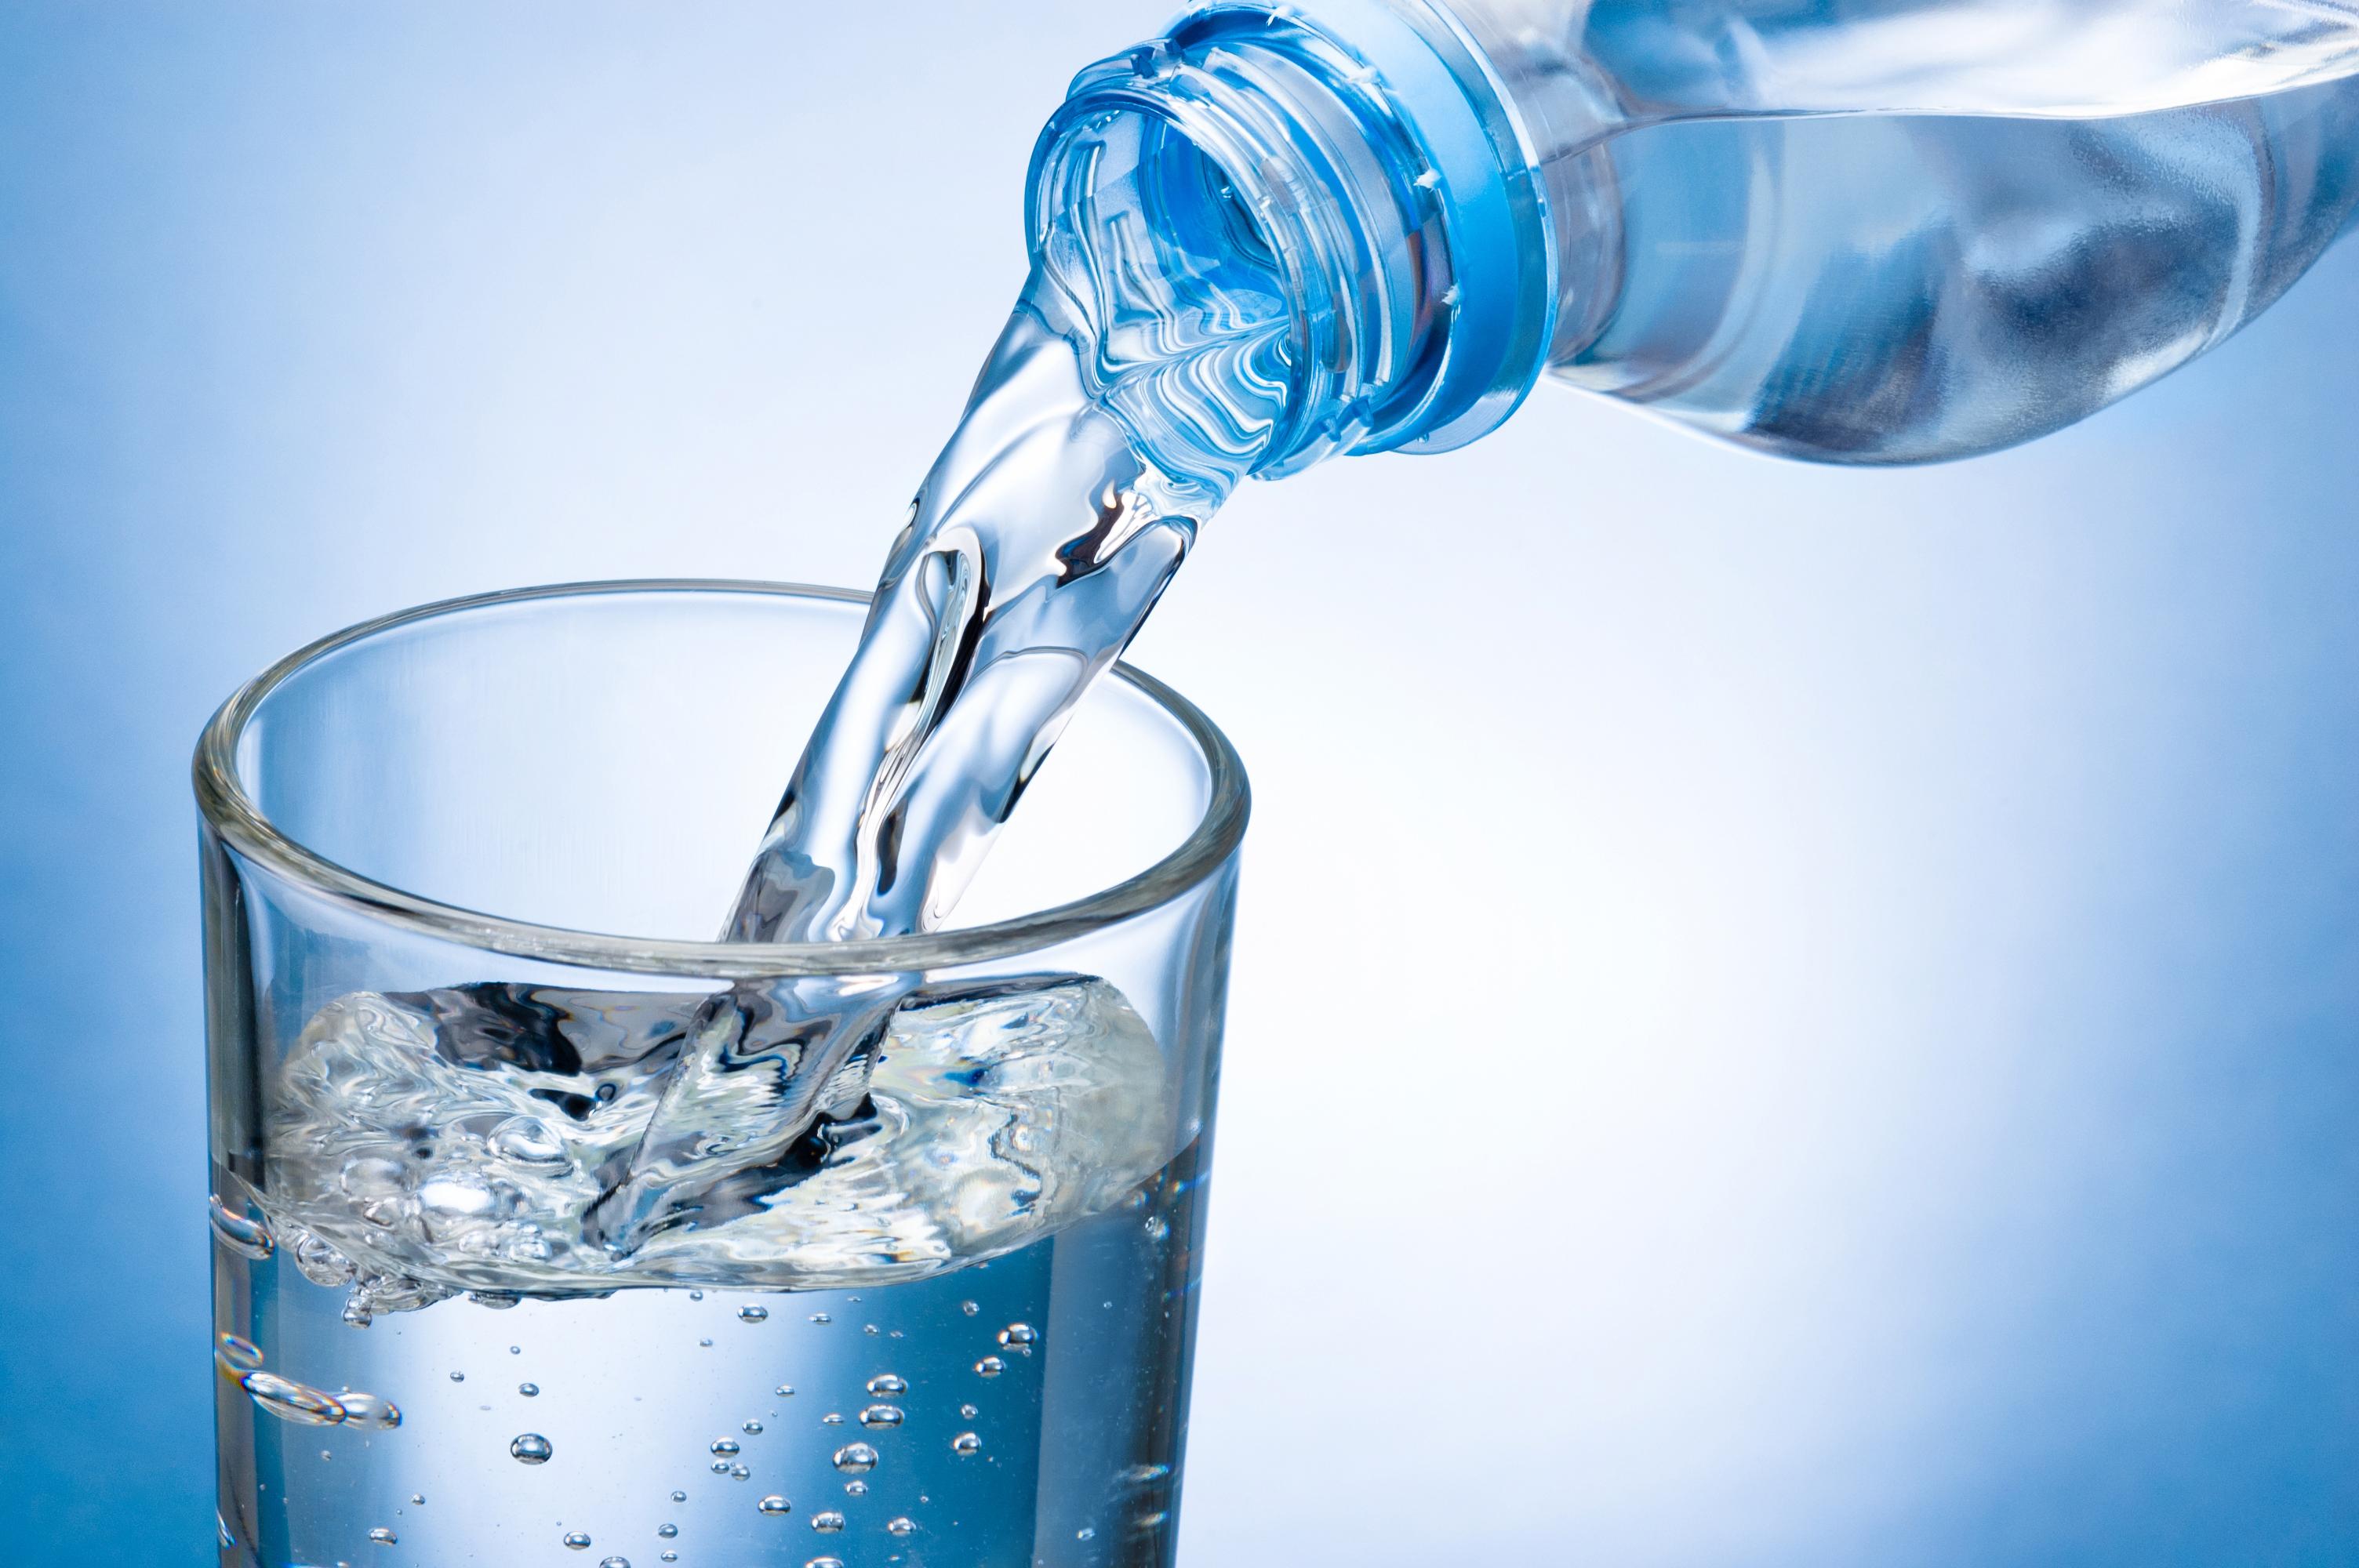 Apa minerală nu este indicată pentru copii. De la ce vârstă se poate diversifica sursa de apă potabilă